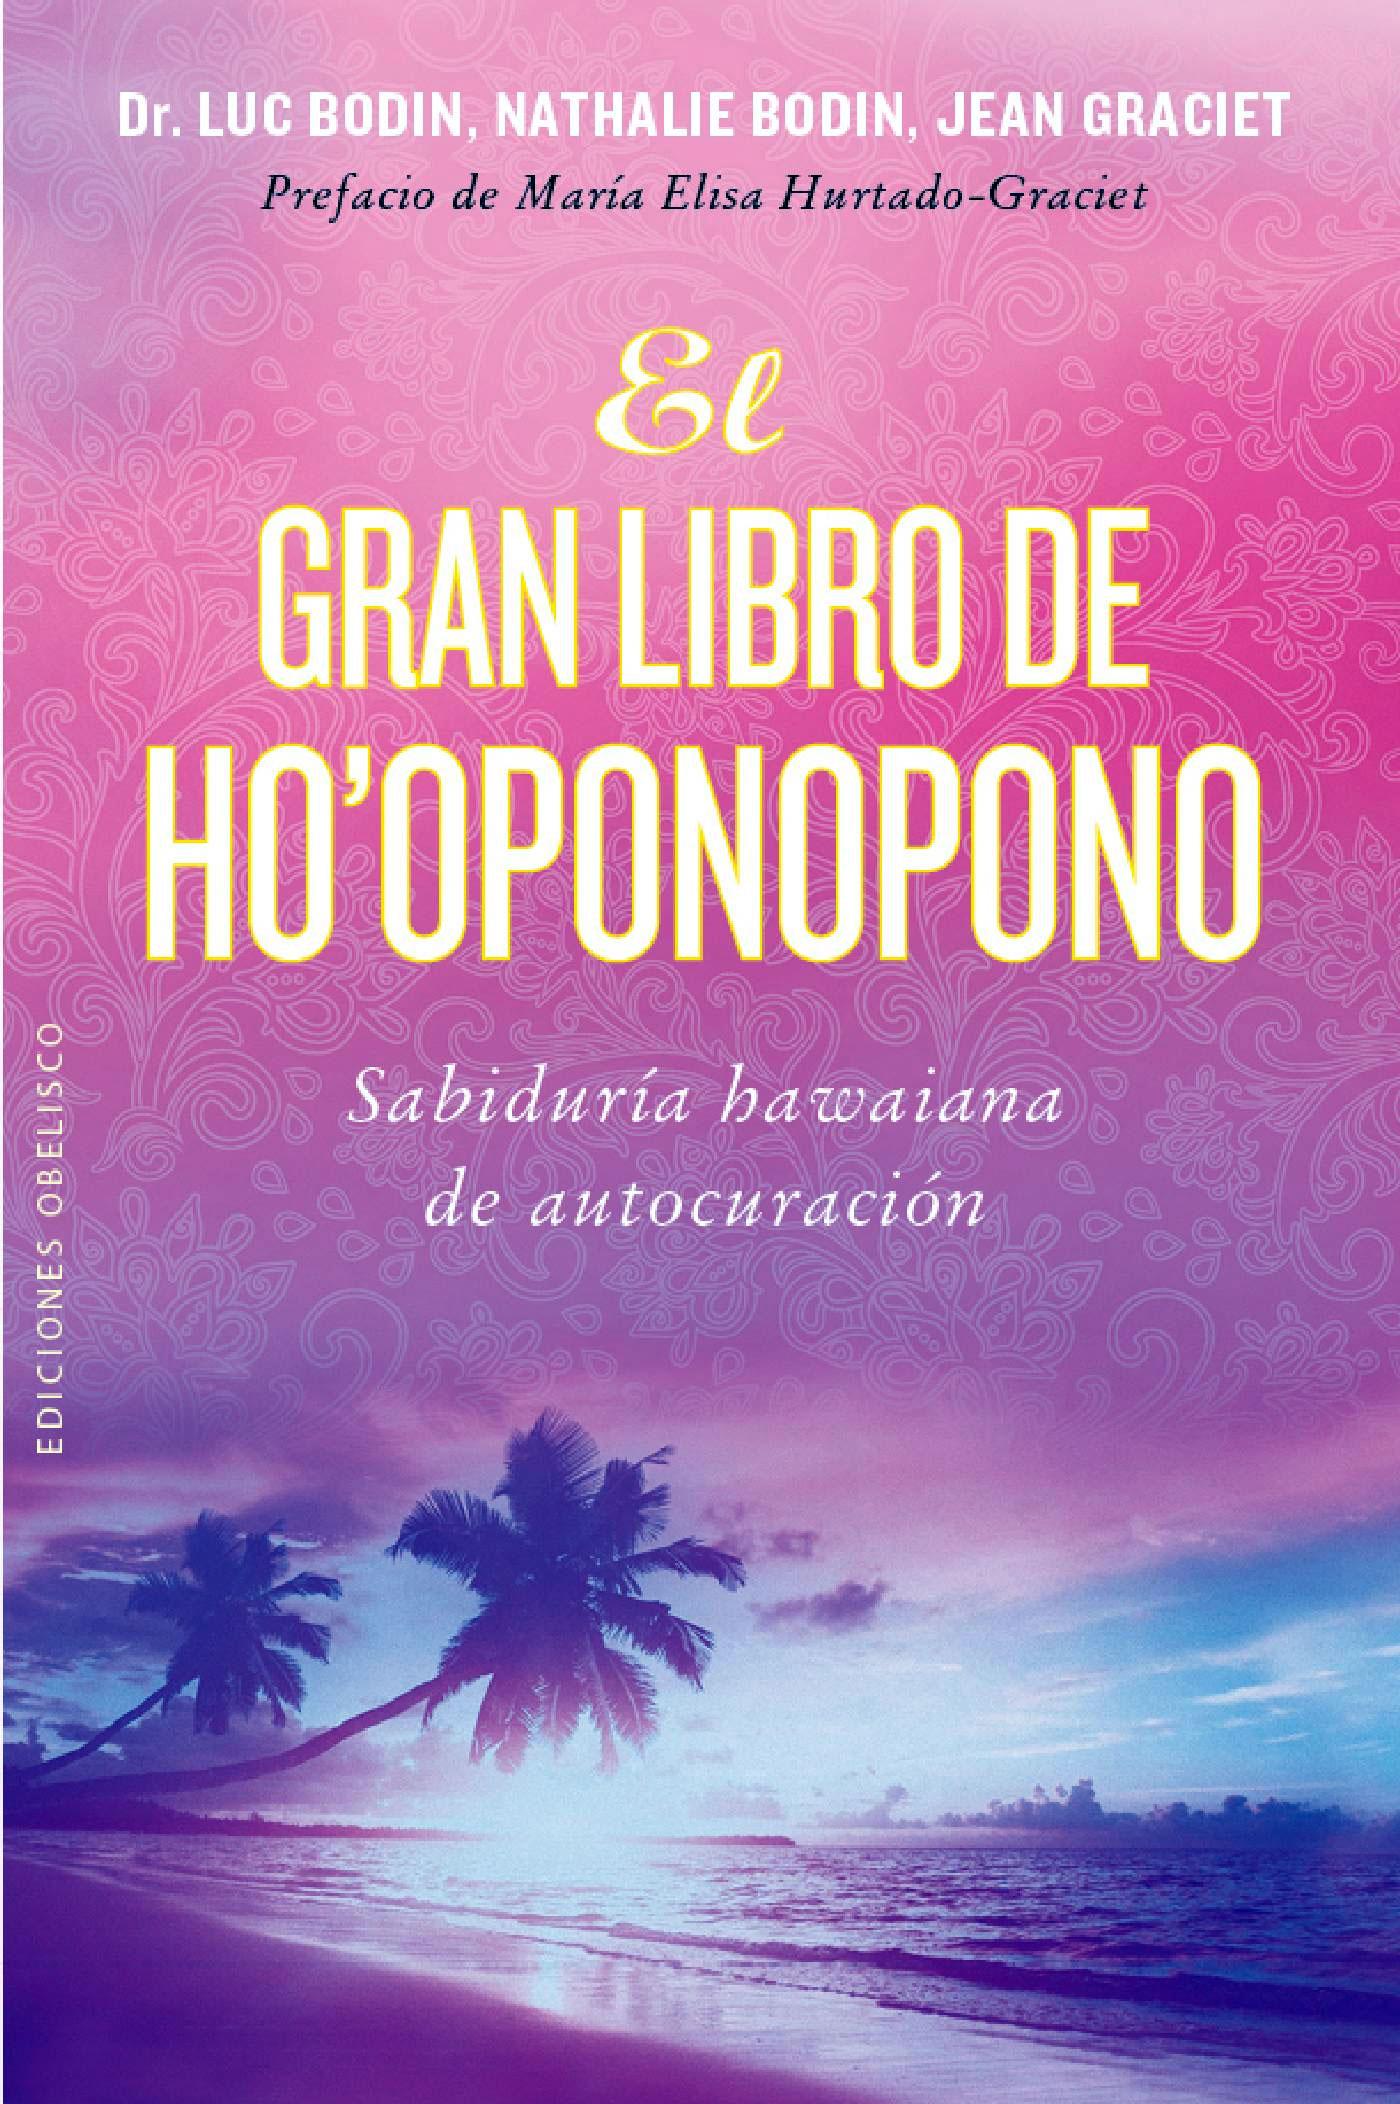 El gran libro de Ho'Oponopono - Dr. Luc Bodin